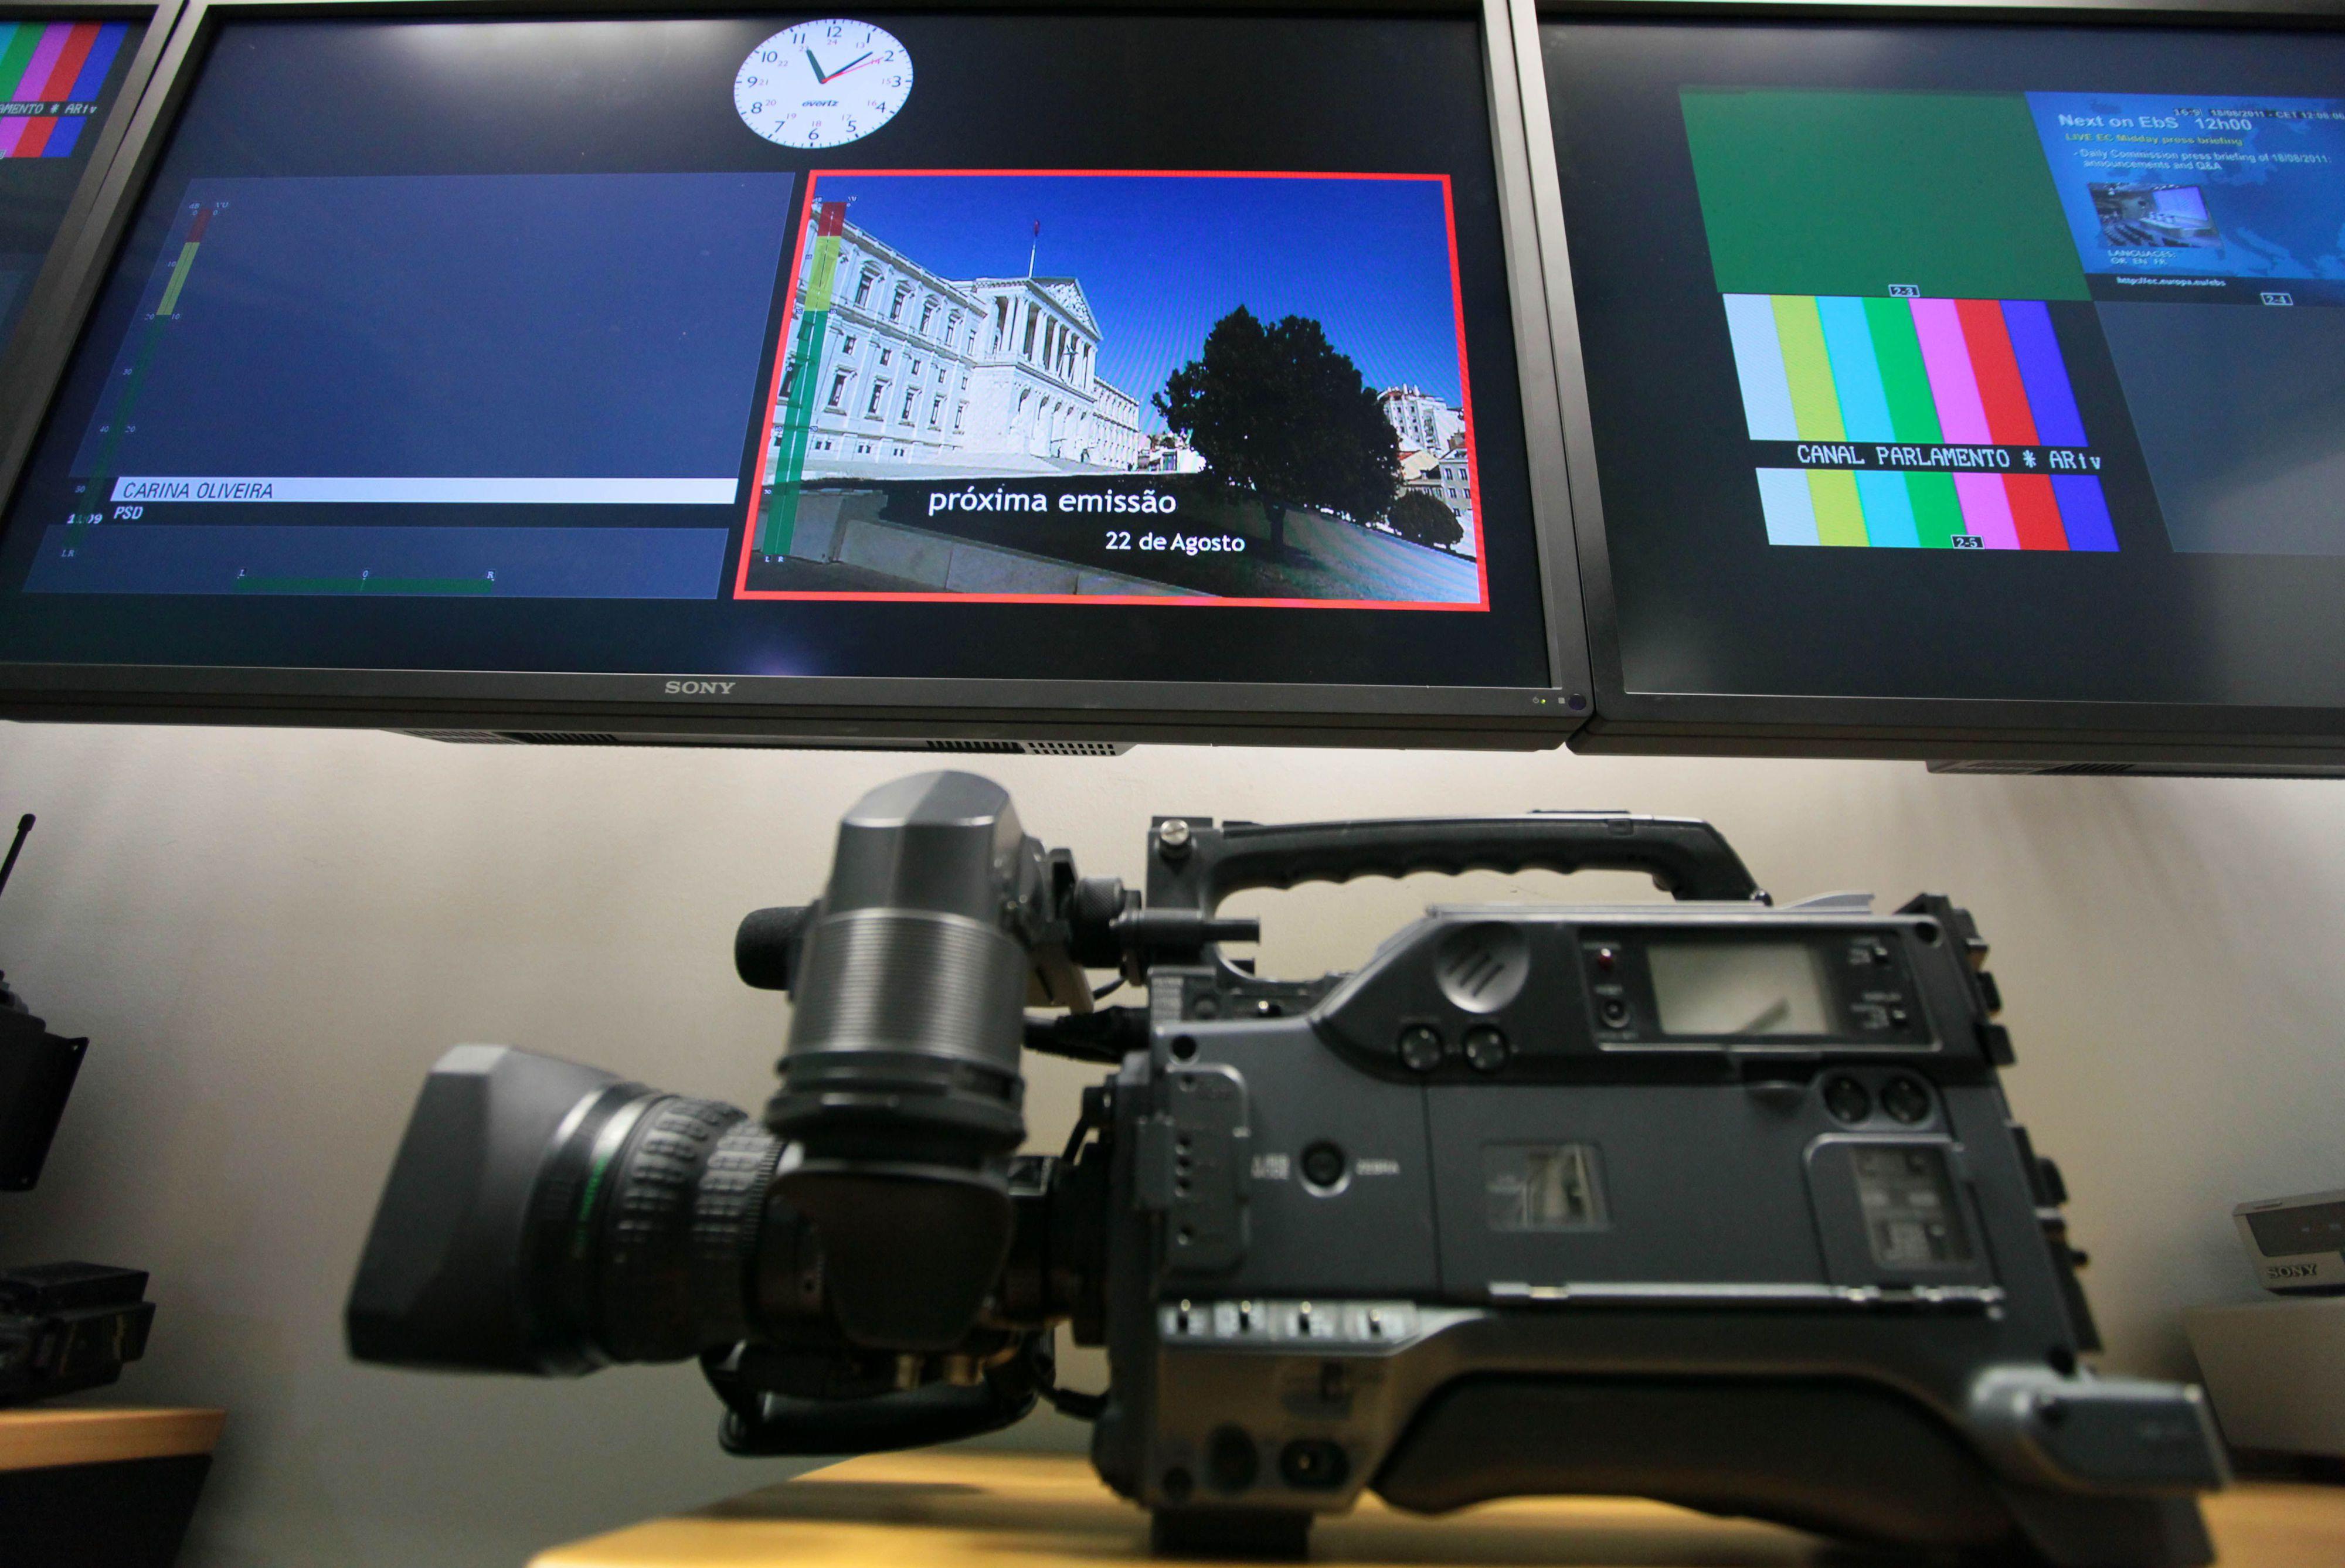 Novo cabo submarino de fibra ótica ligará Sines a Fortaleza